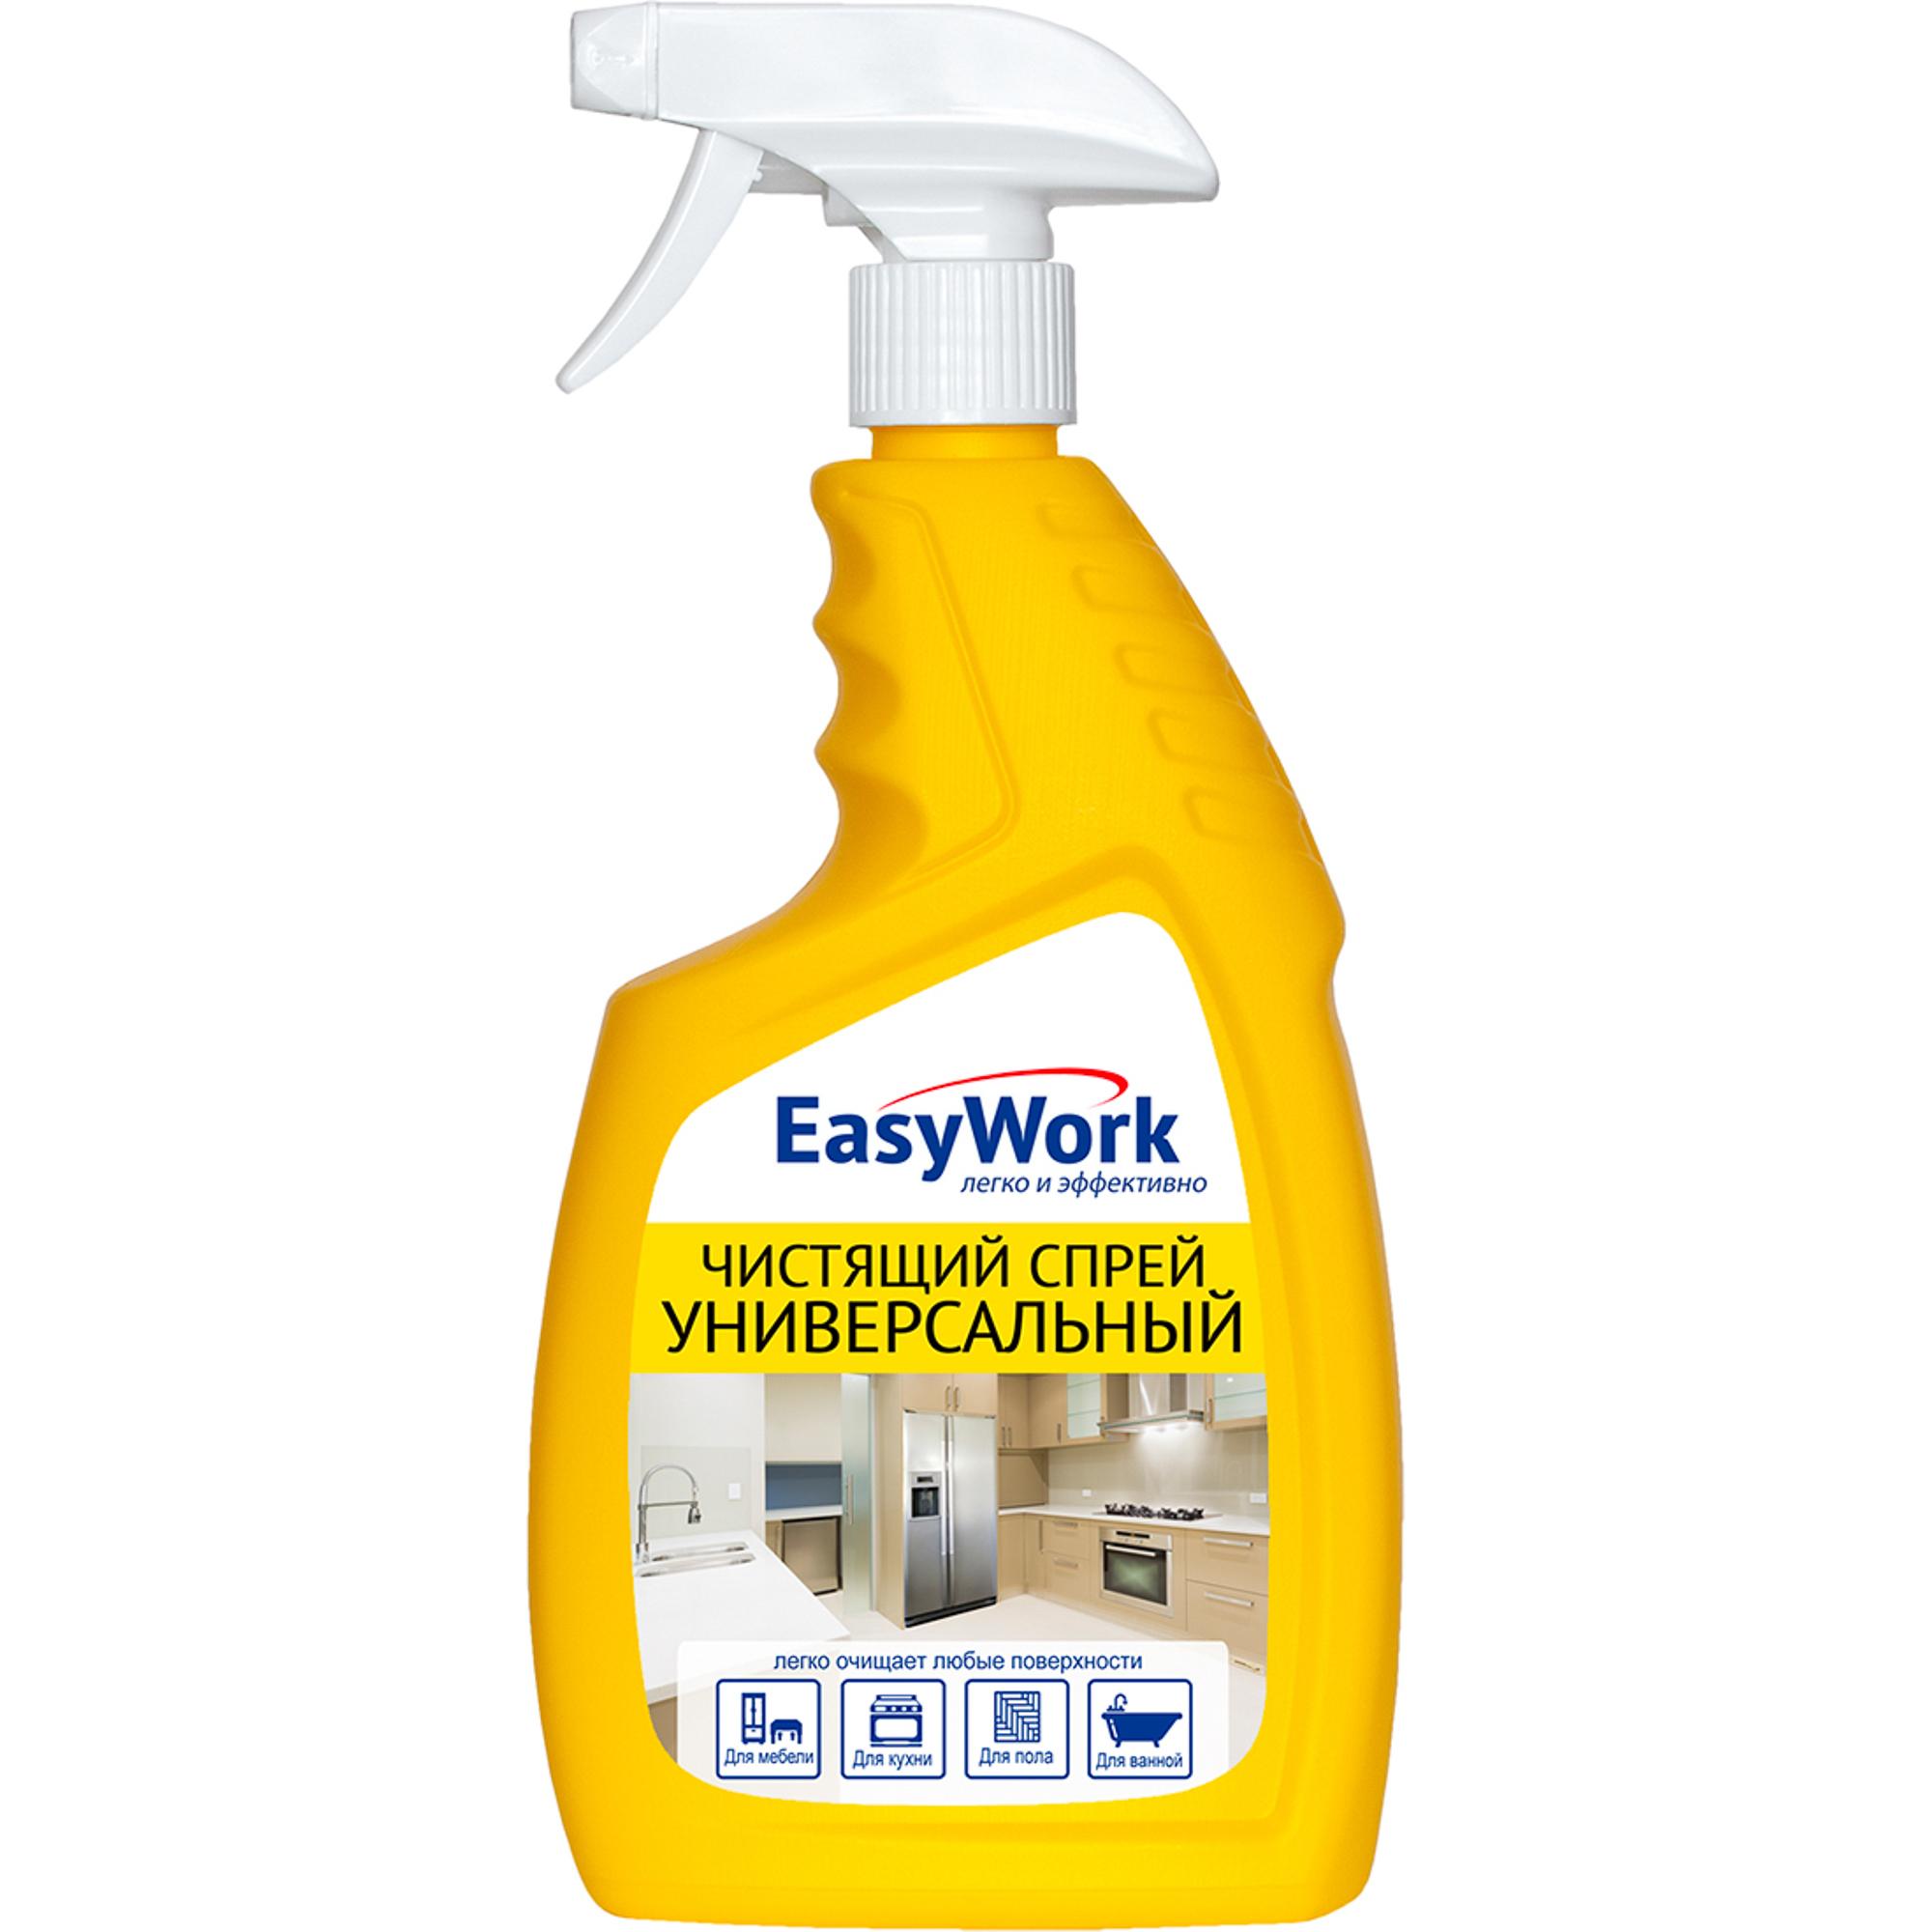 Фото - Чистящий спрей EasyWork Универсальный 750 мл sano jet универсальный очиститель различных поверхностей с пищевой содой 750 мл спрей